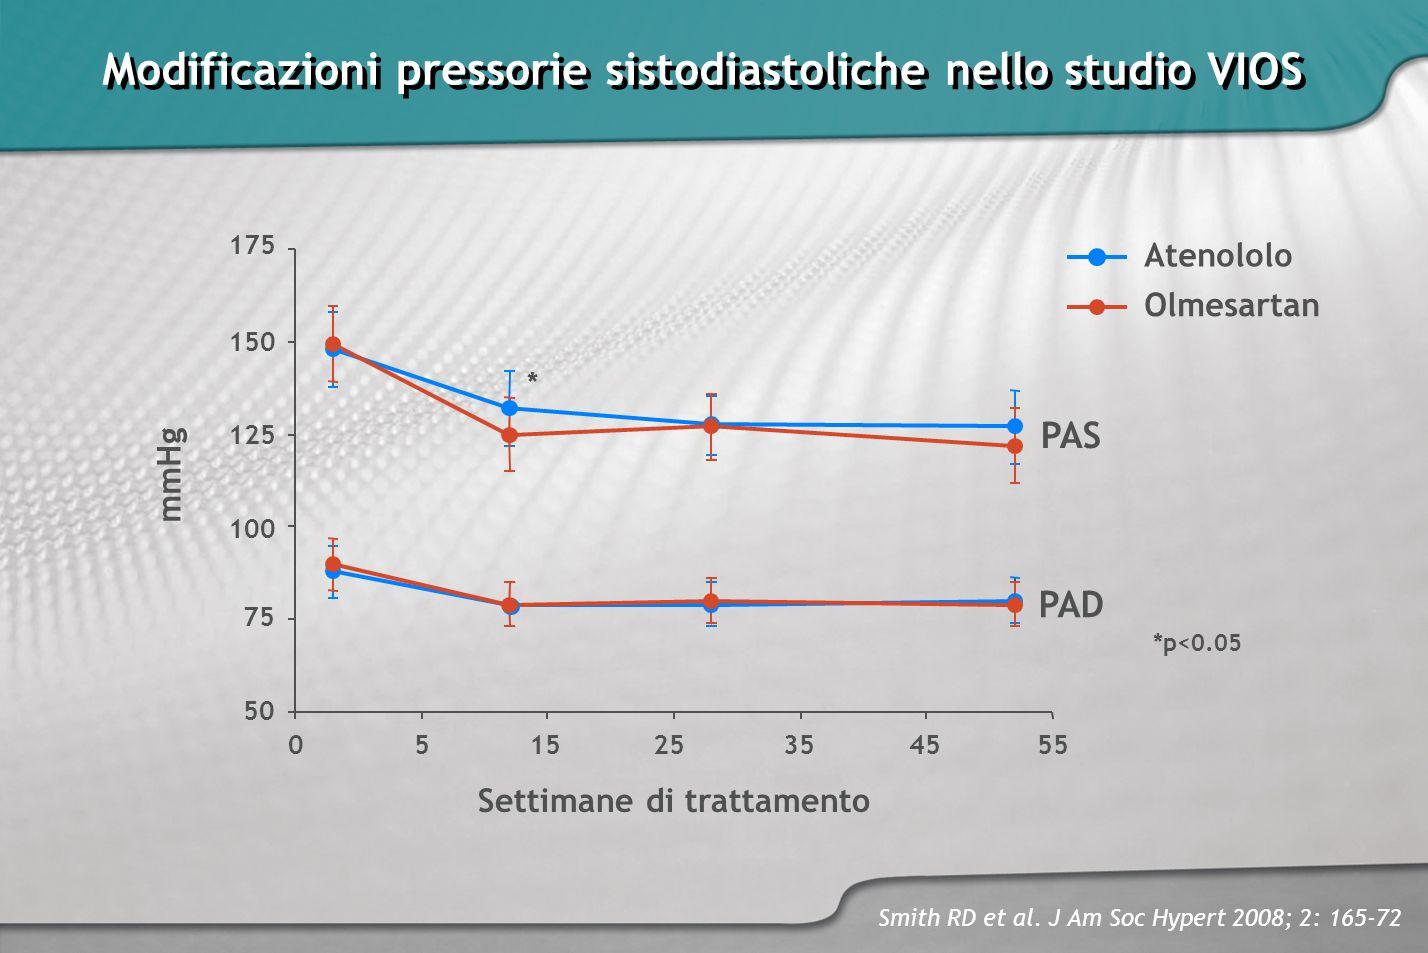 Modificazioni pressorie sistodiastoliche nello studio VIOS